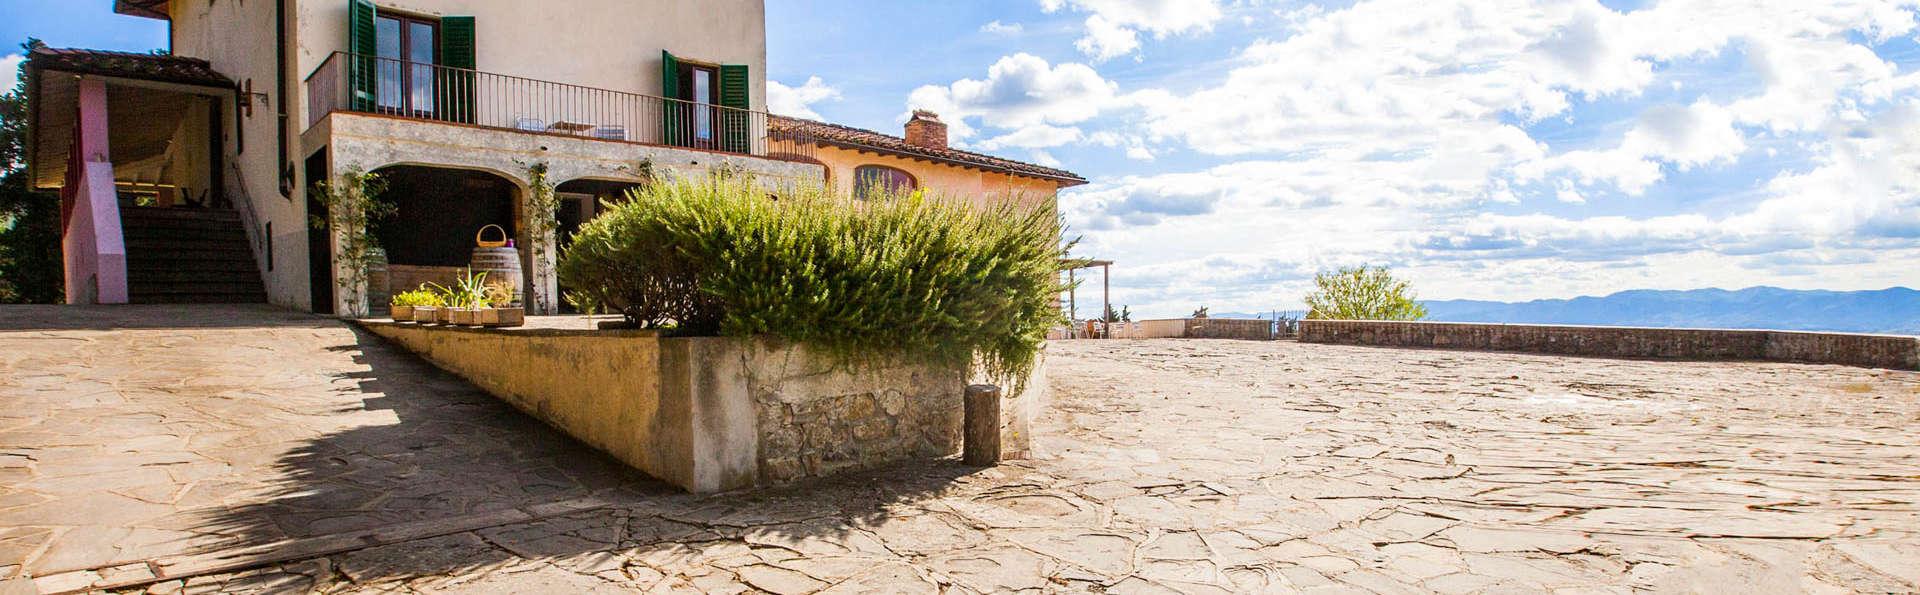 Podere Castellare - EDIT_FRONT.jpg